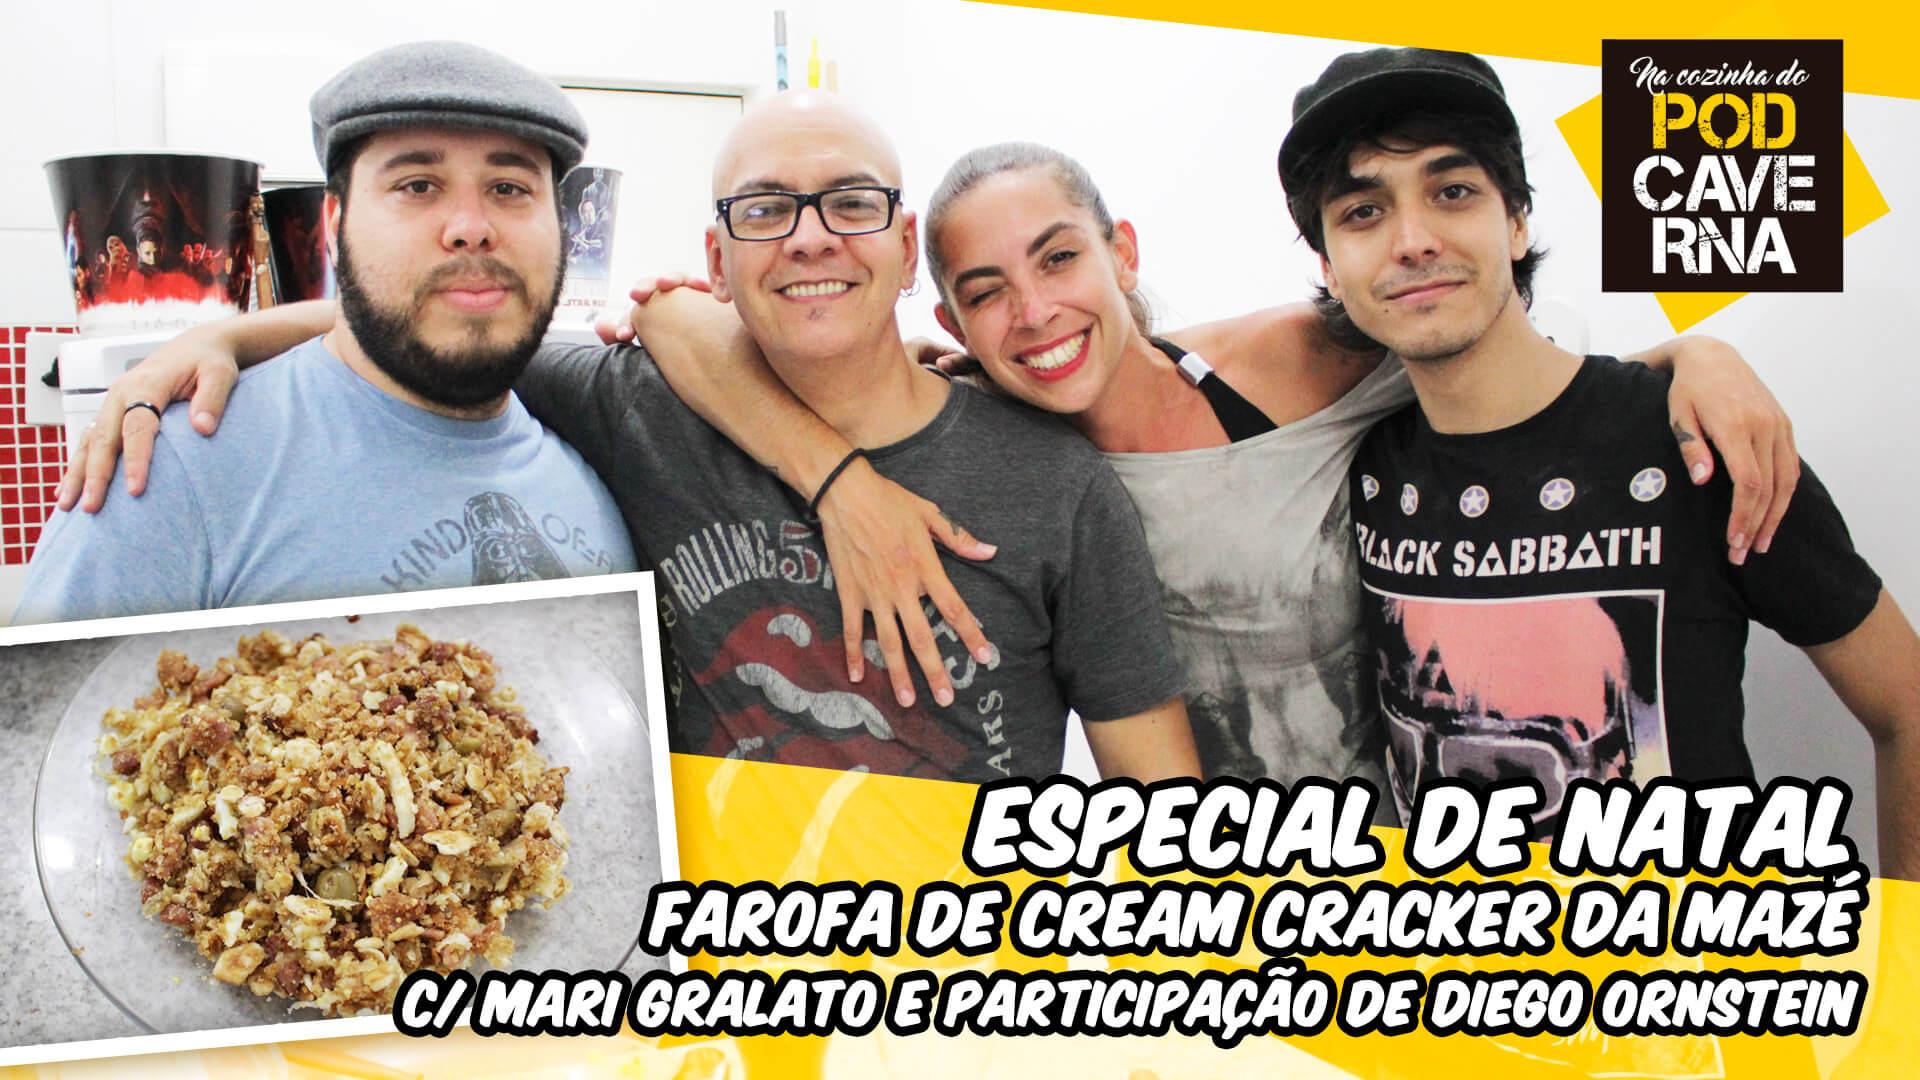 Especial de Natal2017 - Farofa de Cream Cracker da Mazé c/ Mari Gralato e participação de Diego Ornstein